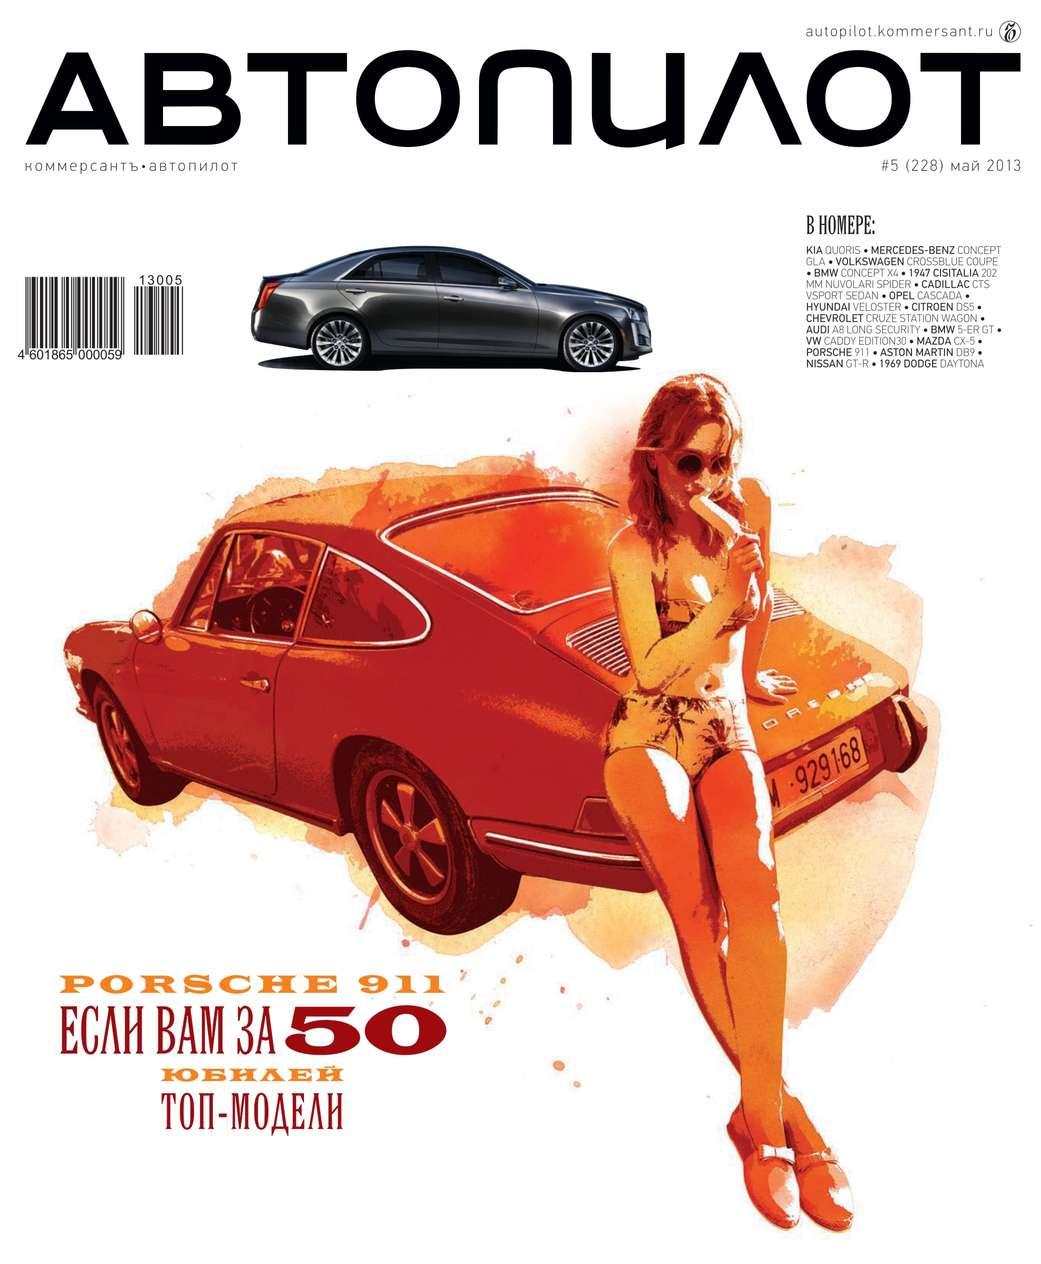 Редакция журнала Автопилот Автопилот 05-2013 новости для автомобилистов 2016